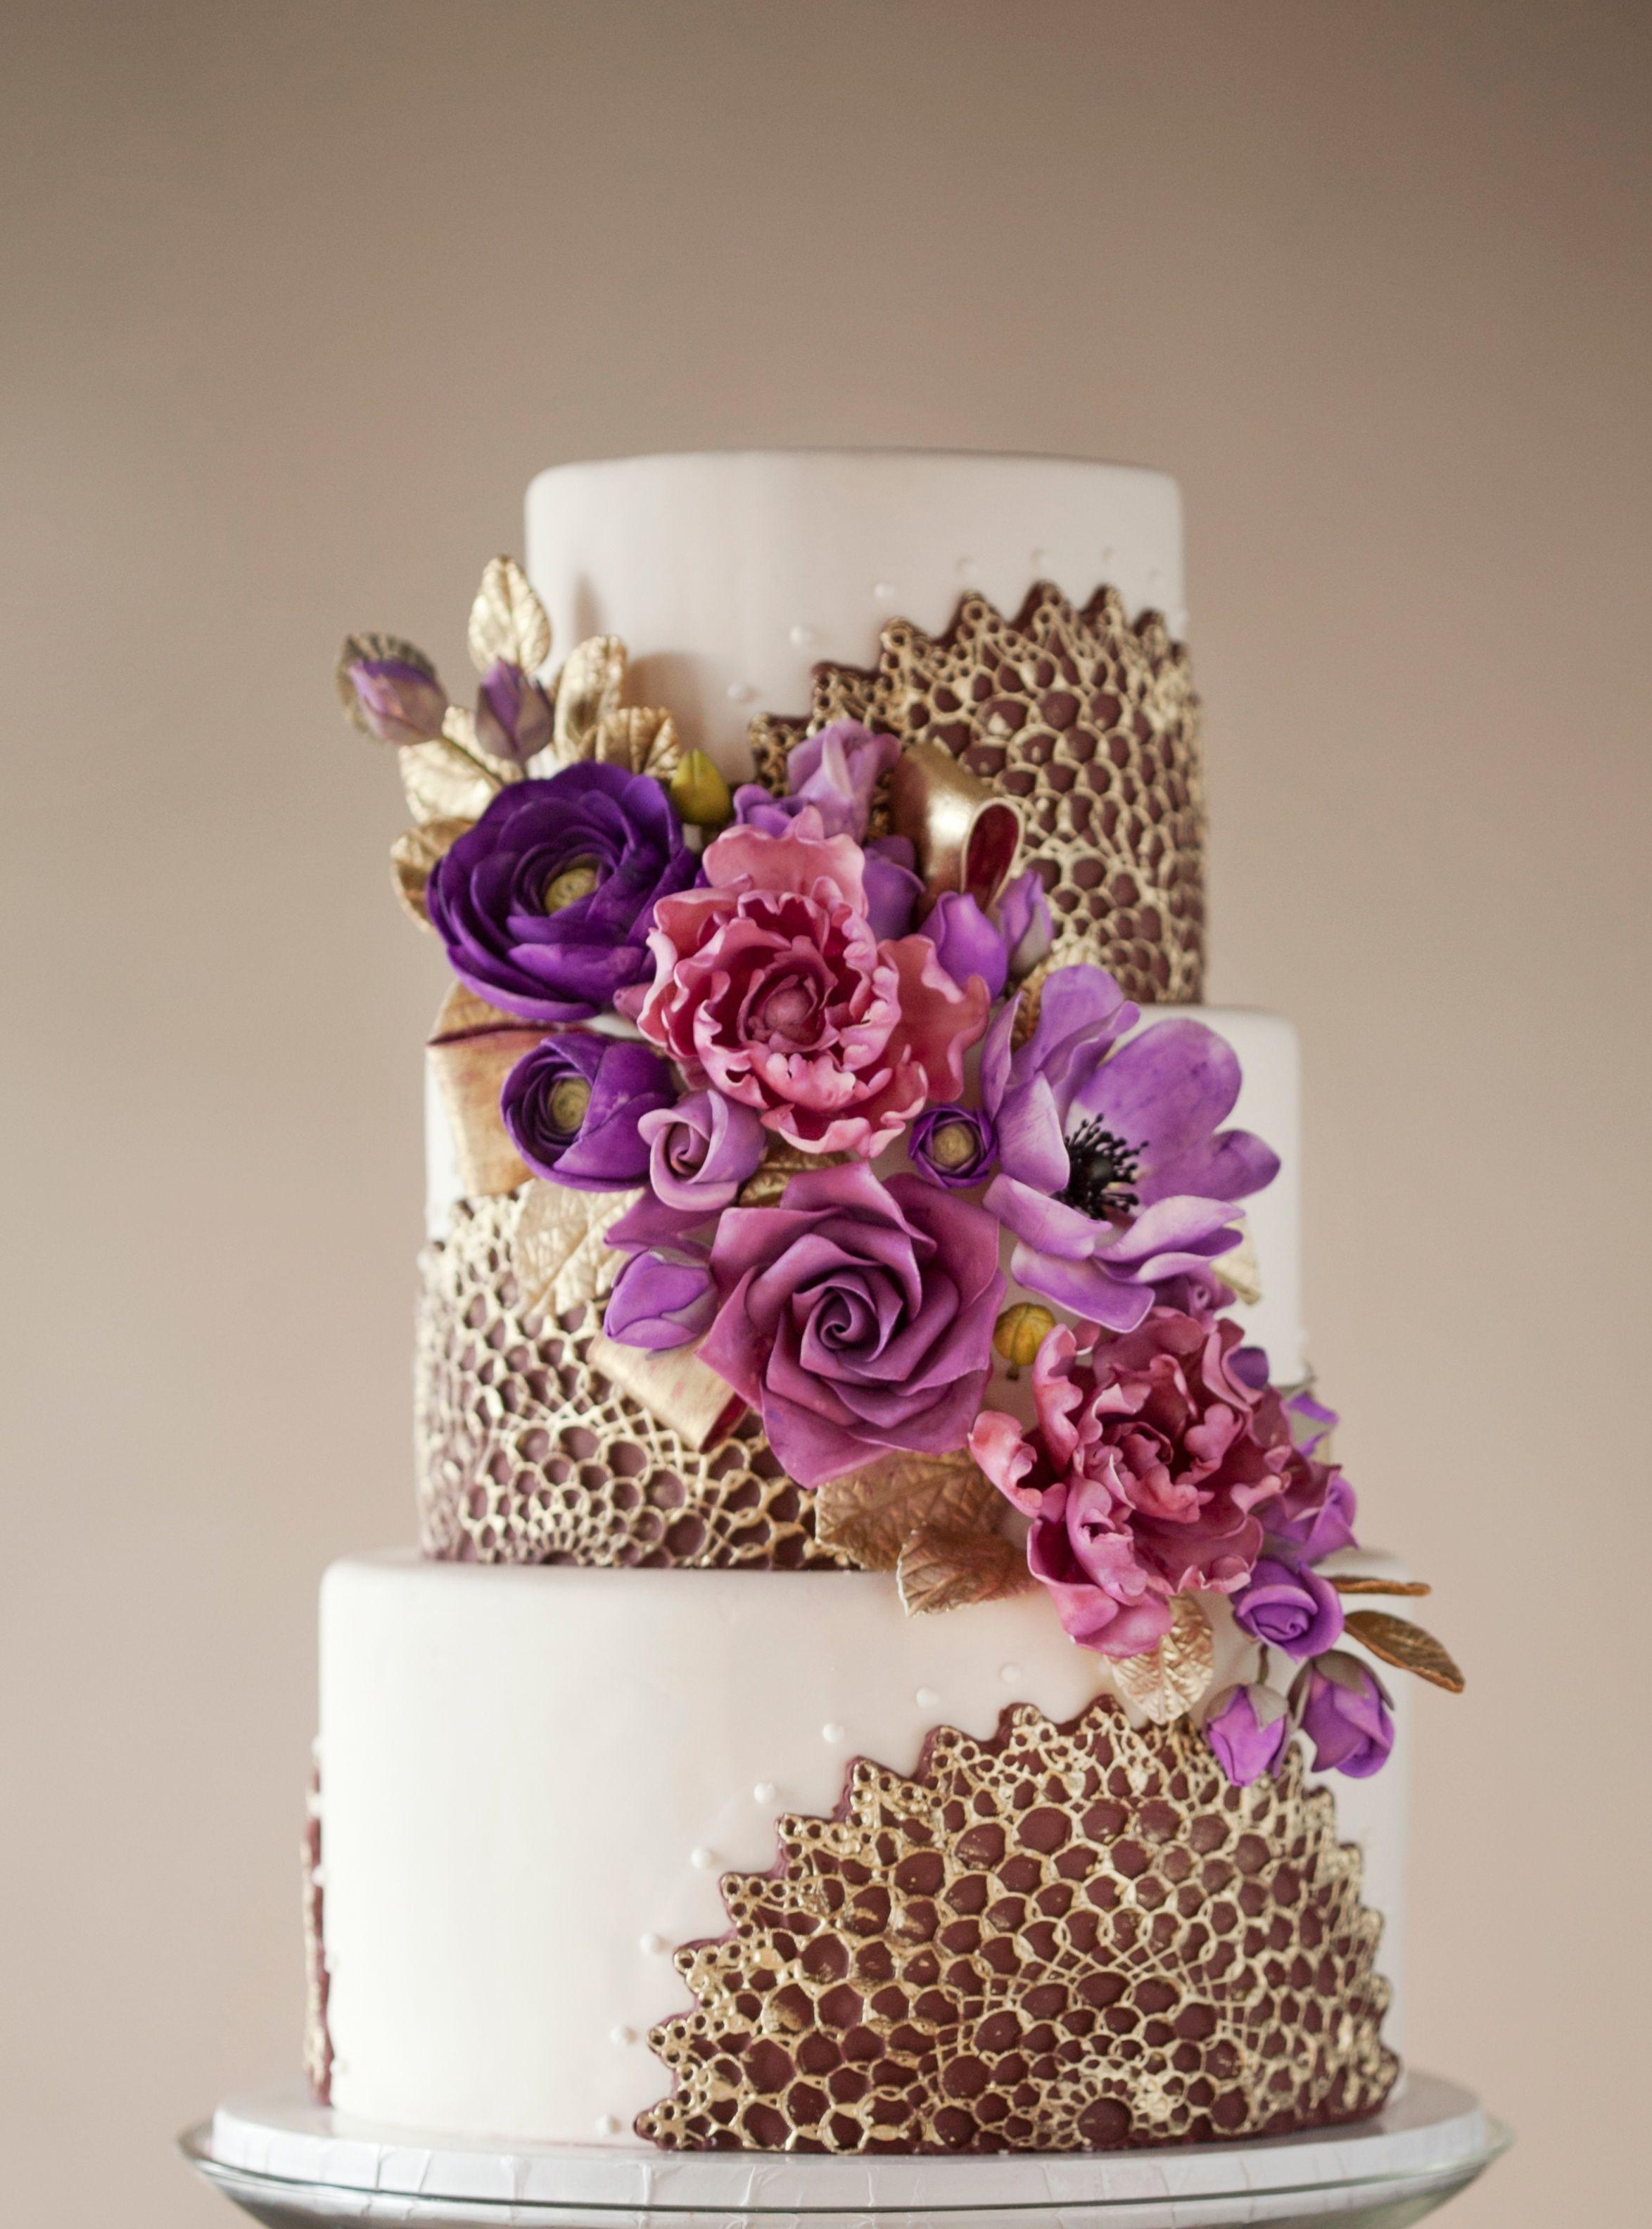 Purple & Gold wedding cake - Purple starburst lace molds brushed ...